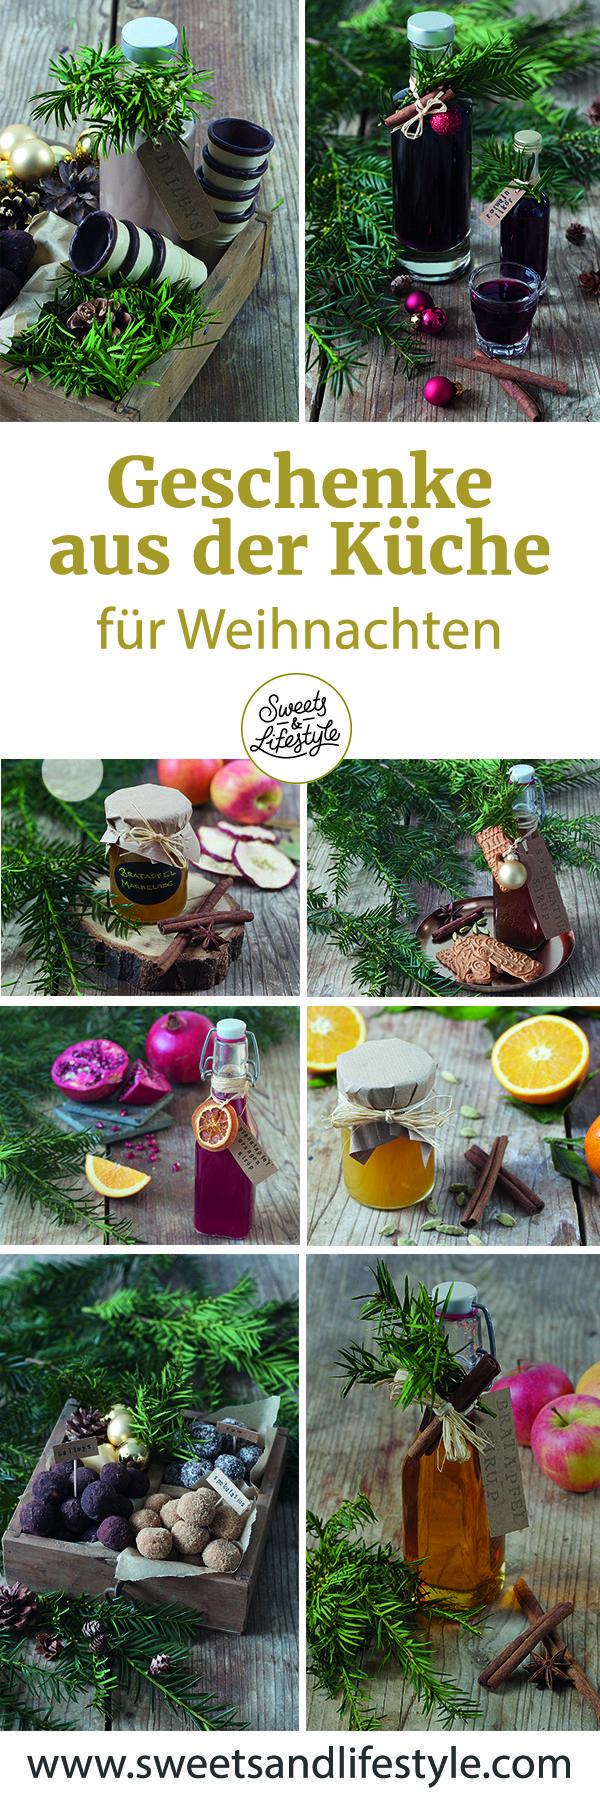 Selbst gemachte Geschenke aus der Küche für Weihnachten // Sweets & Lifestyle …